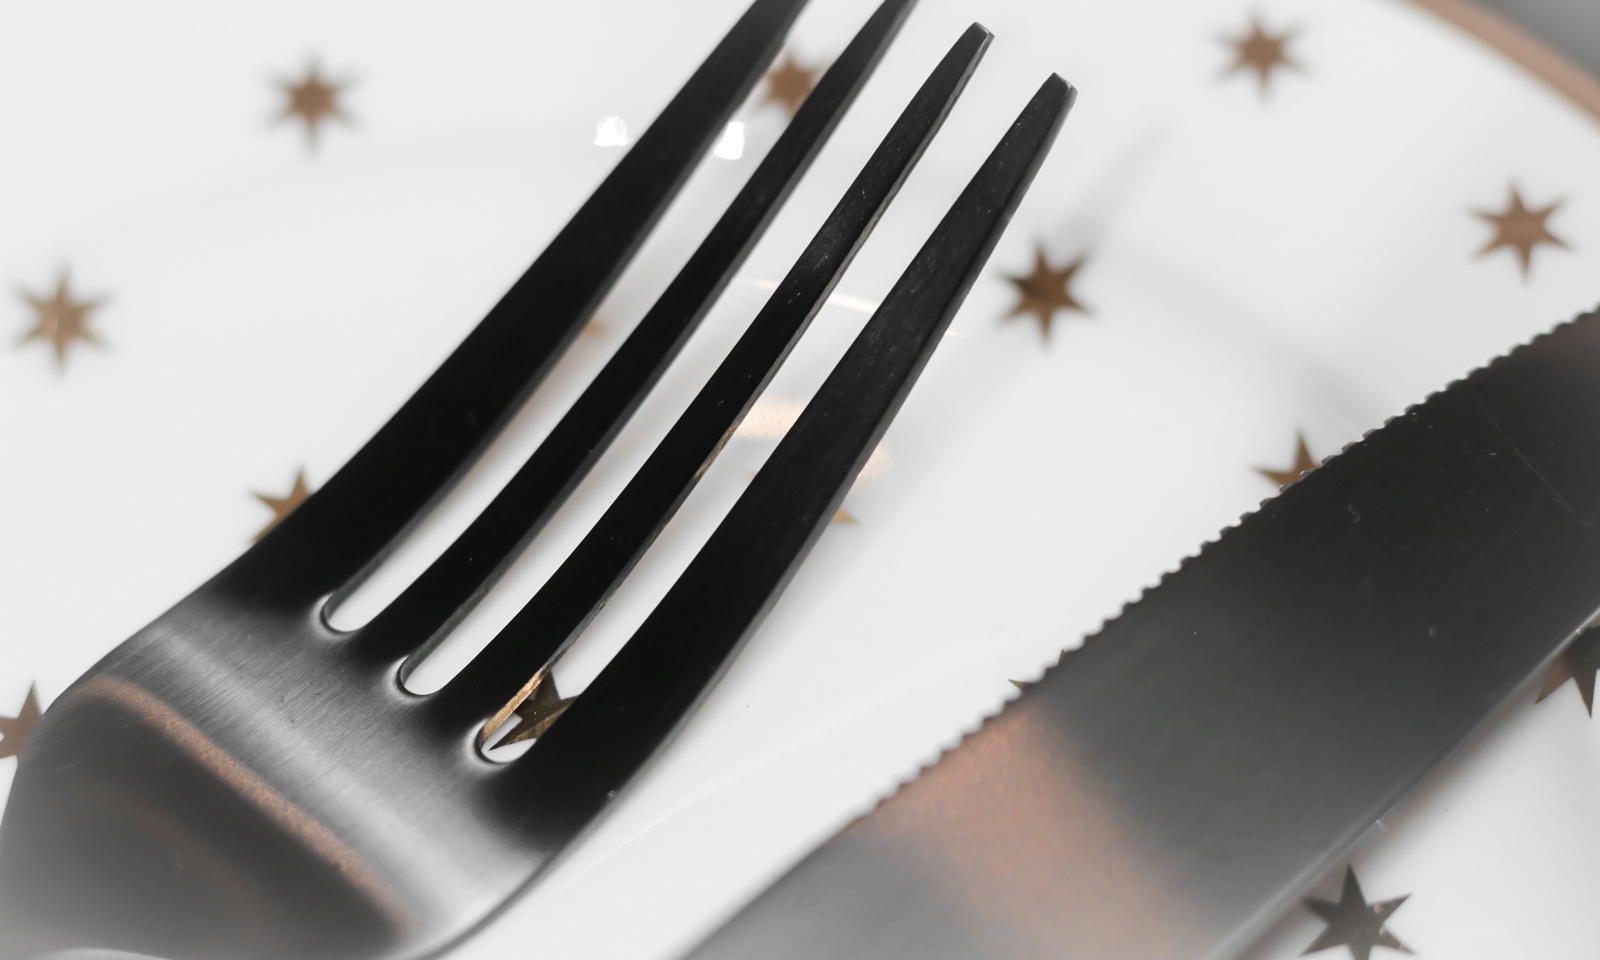 Ediths Weihnachten Tischdekoration Advent Schwarzes Besteck Teller Gold Sterne 11 Lavie Deboite